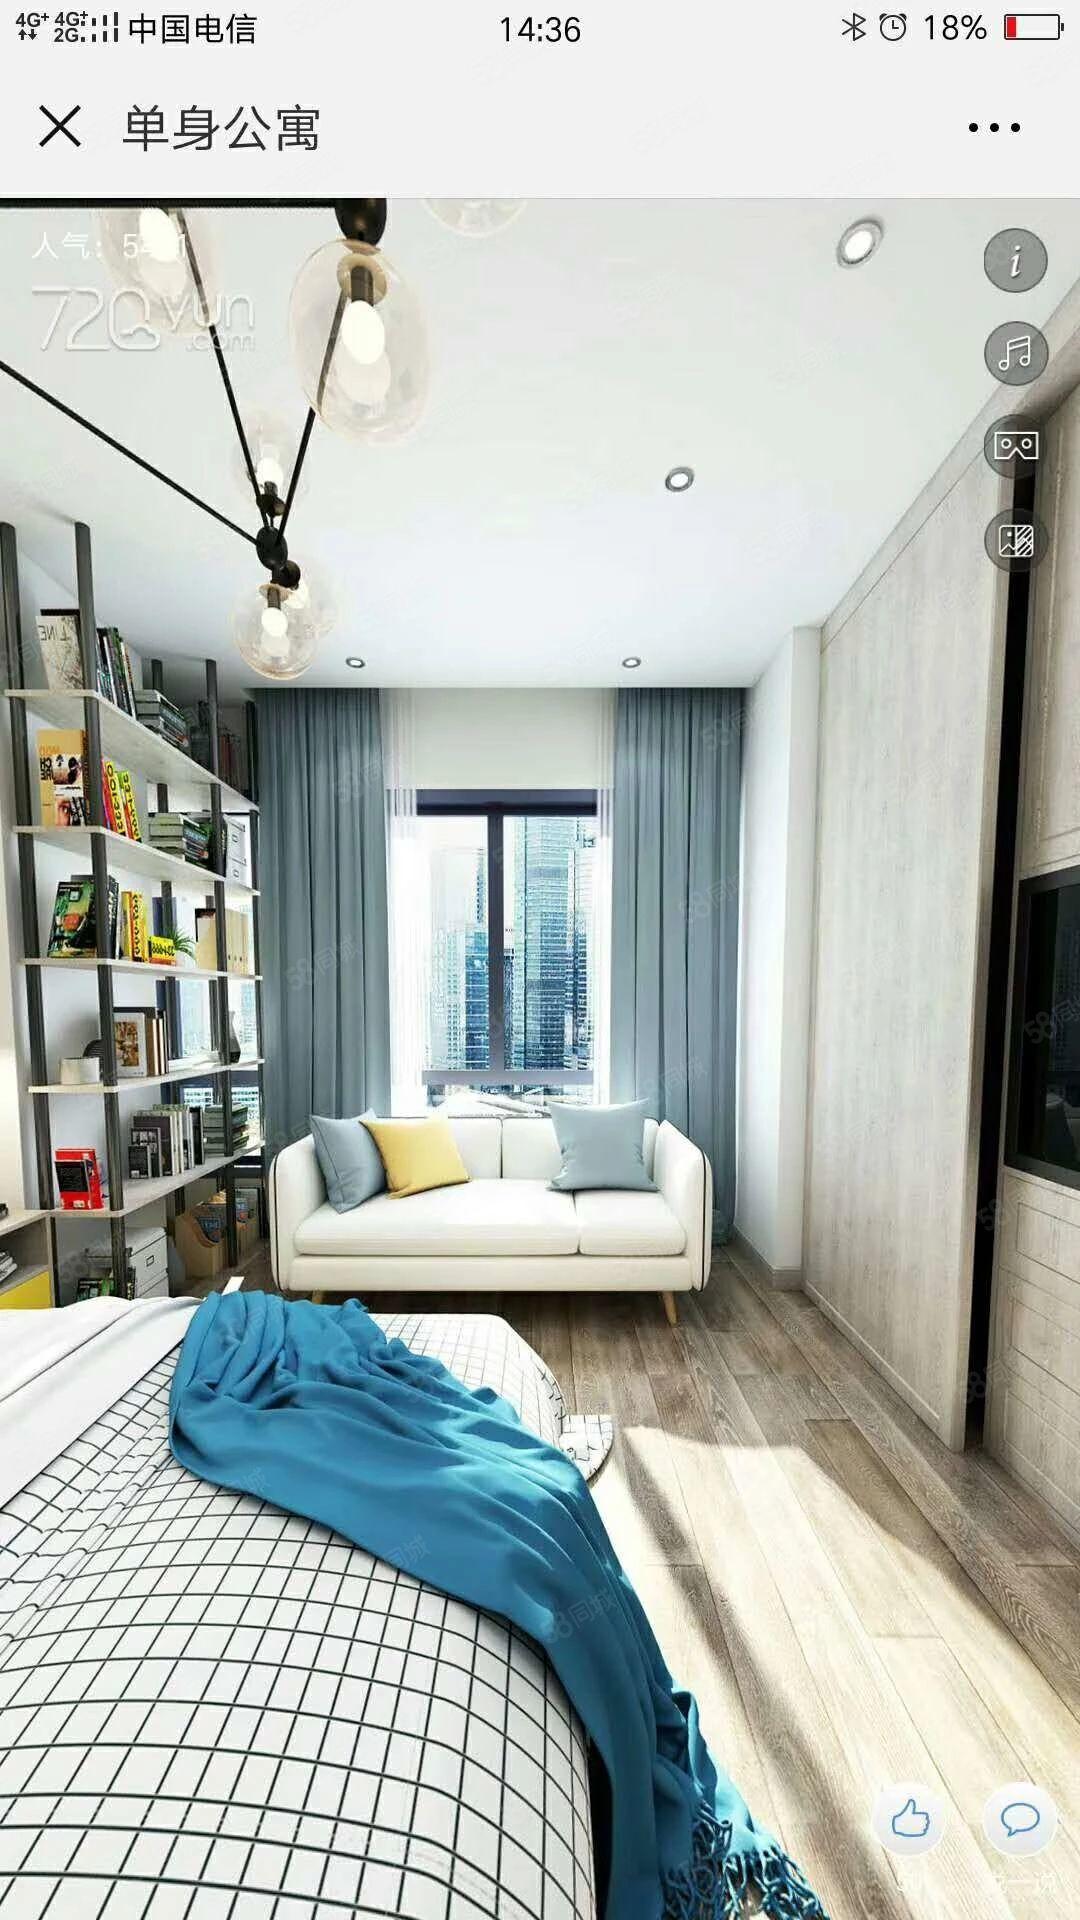 城北新区精装修公寓优发娱乐官网24.6万